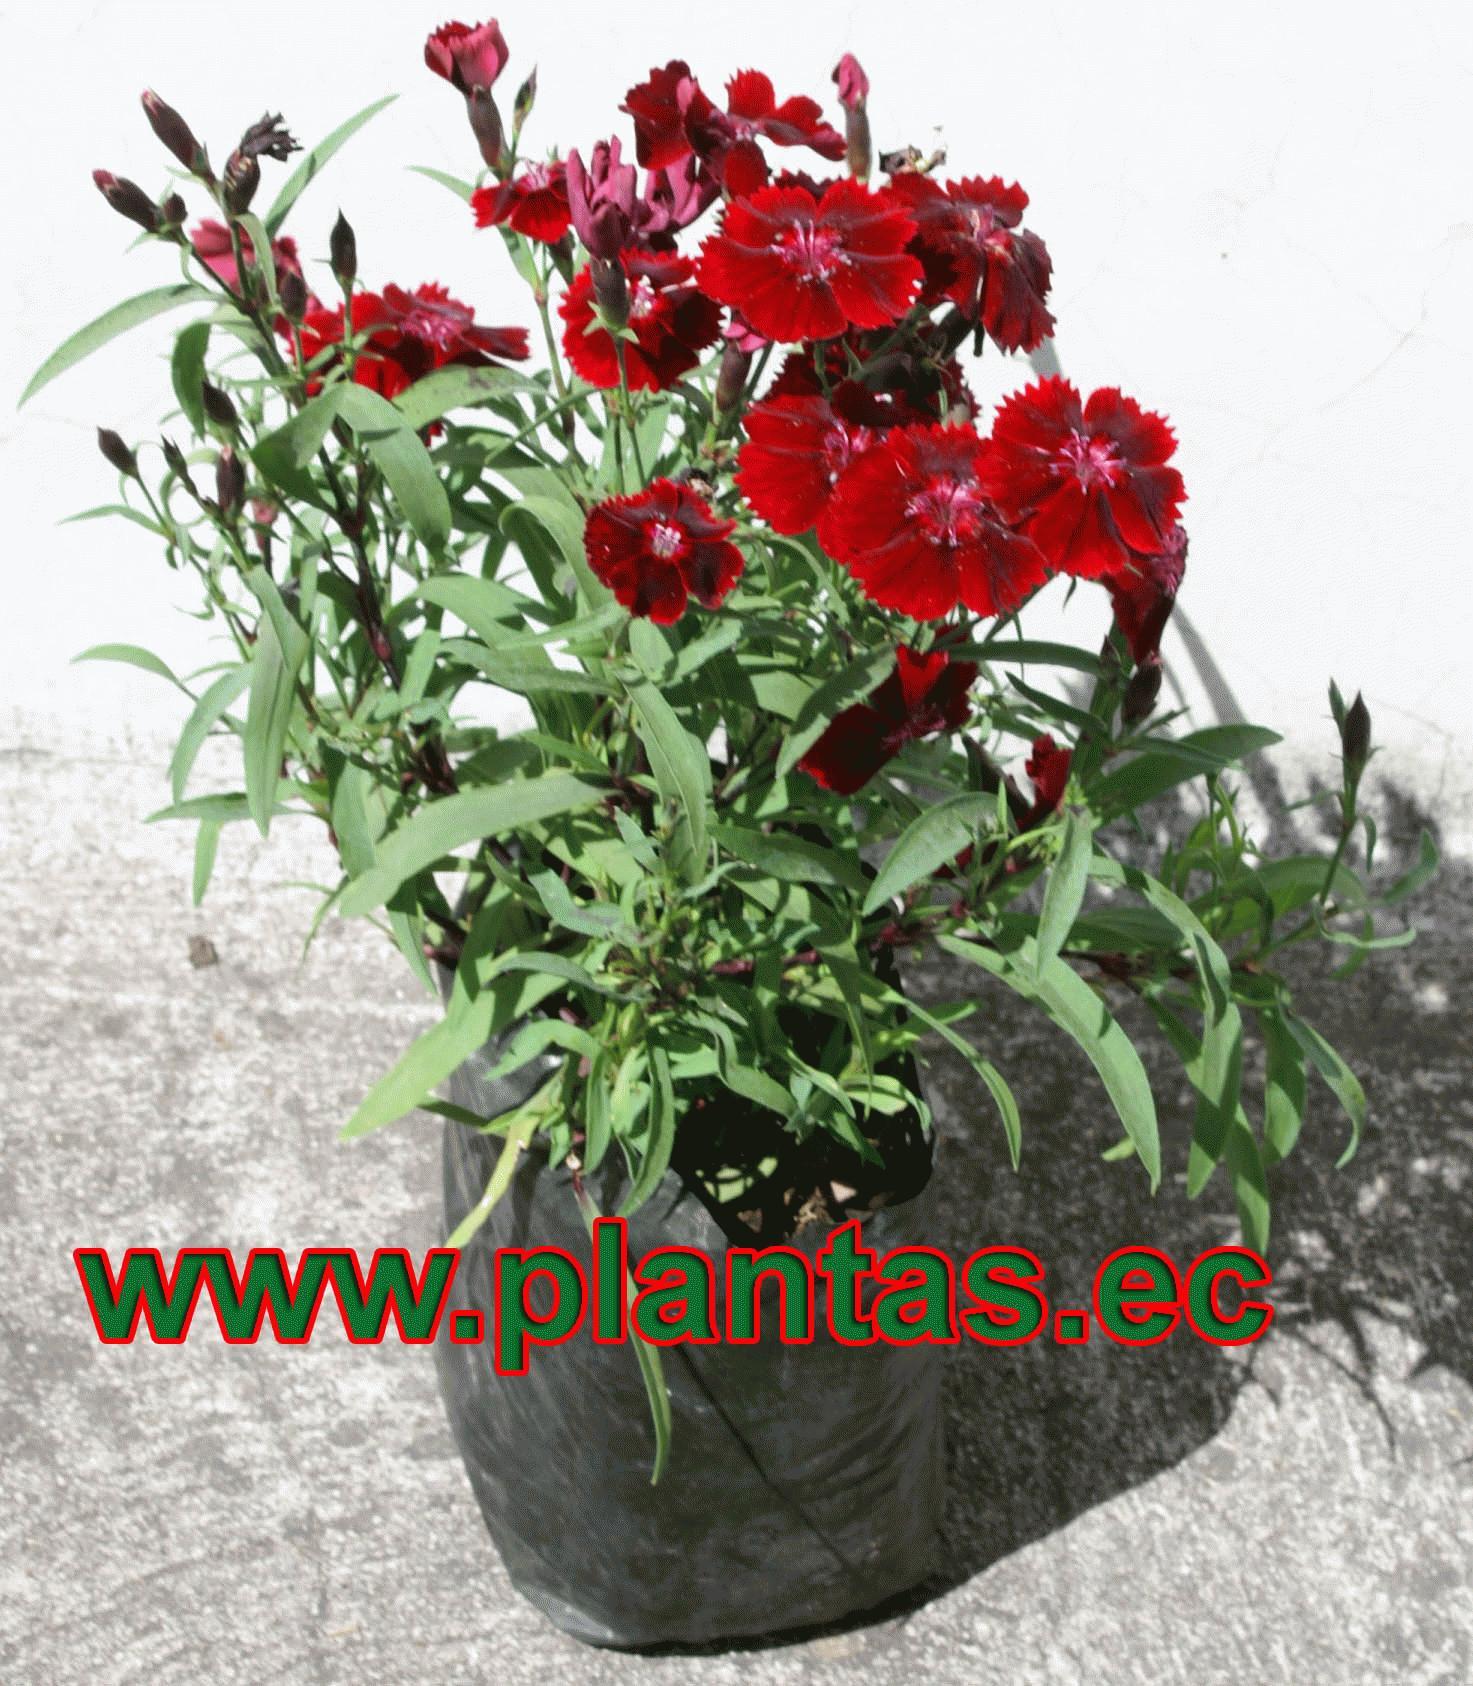 Clavelina arboles frutales plantas ornamentales y for Hierbas ornamentales